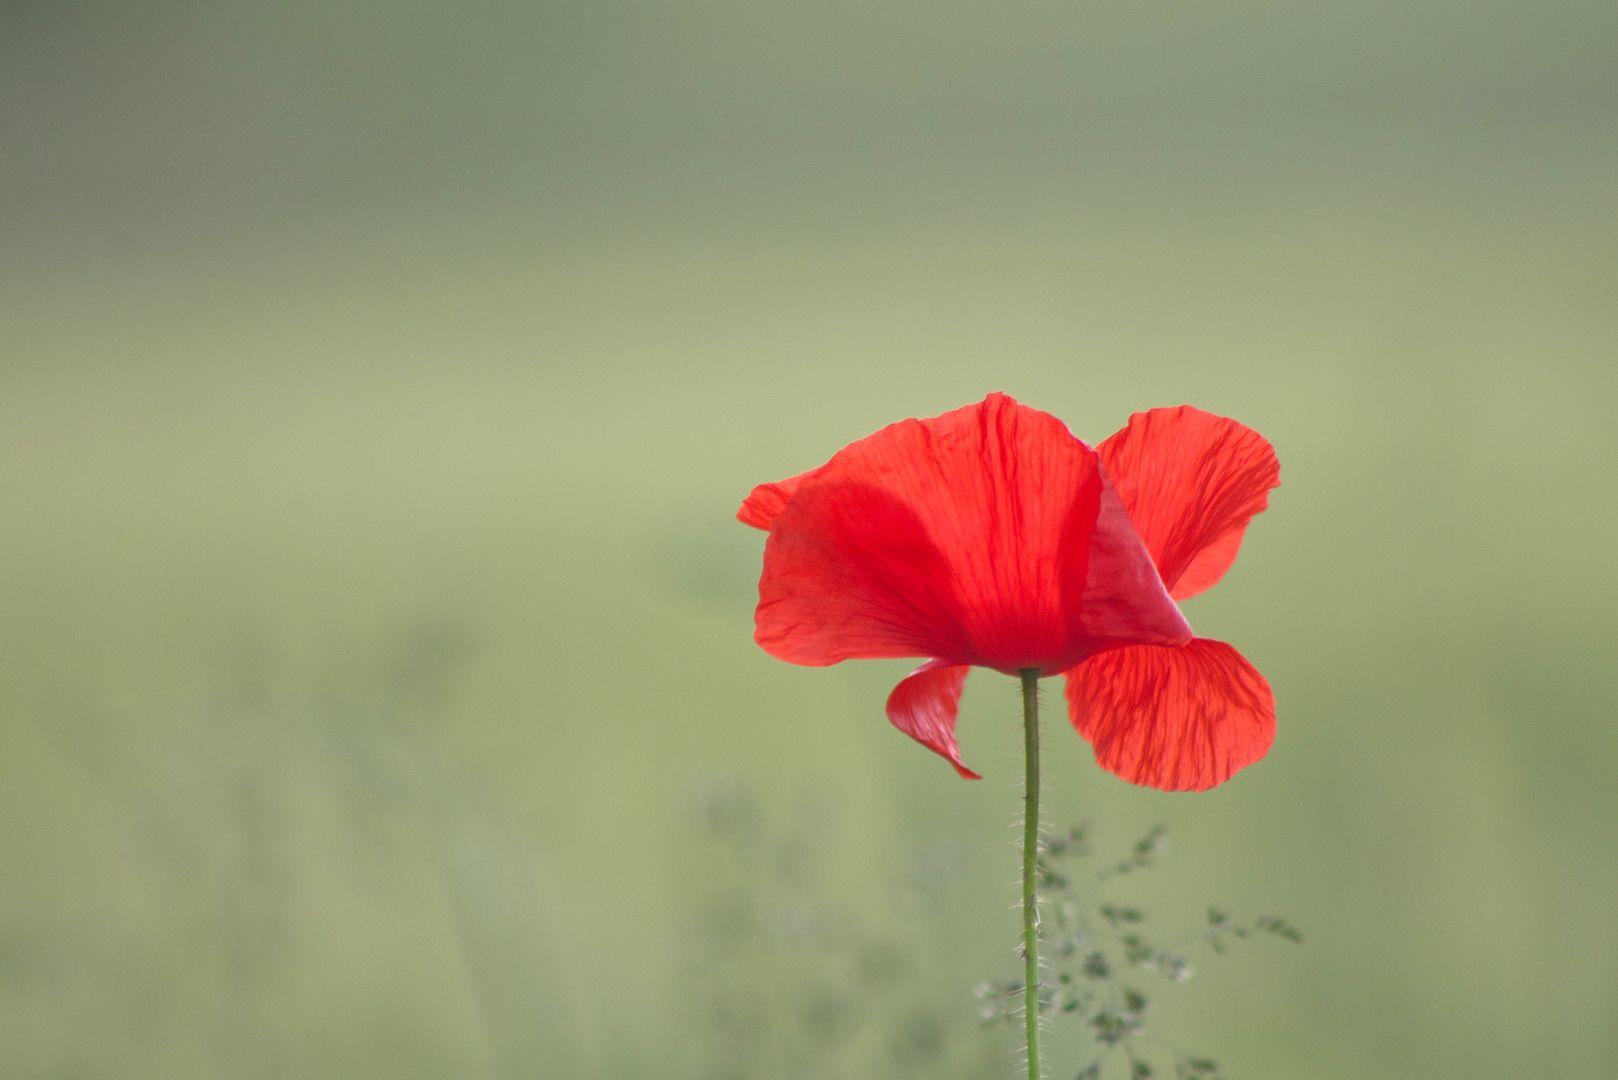 Mohnblume Mohnblume Blumen Mohn